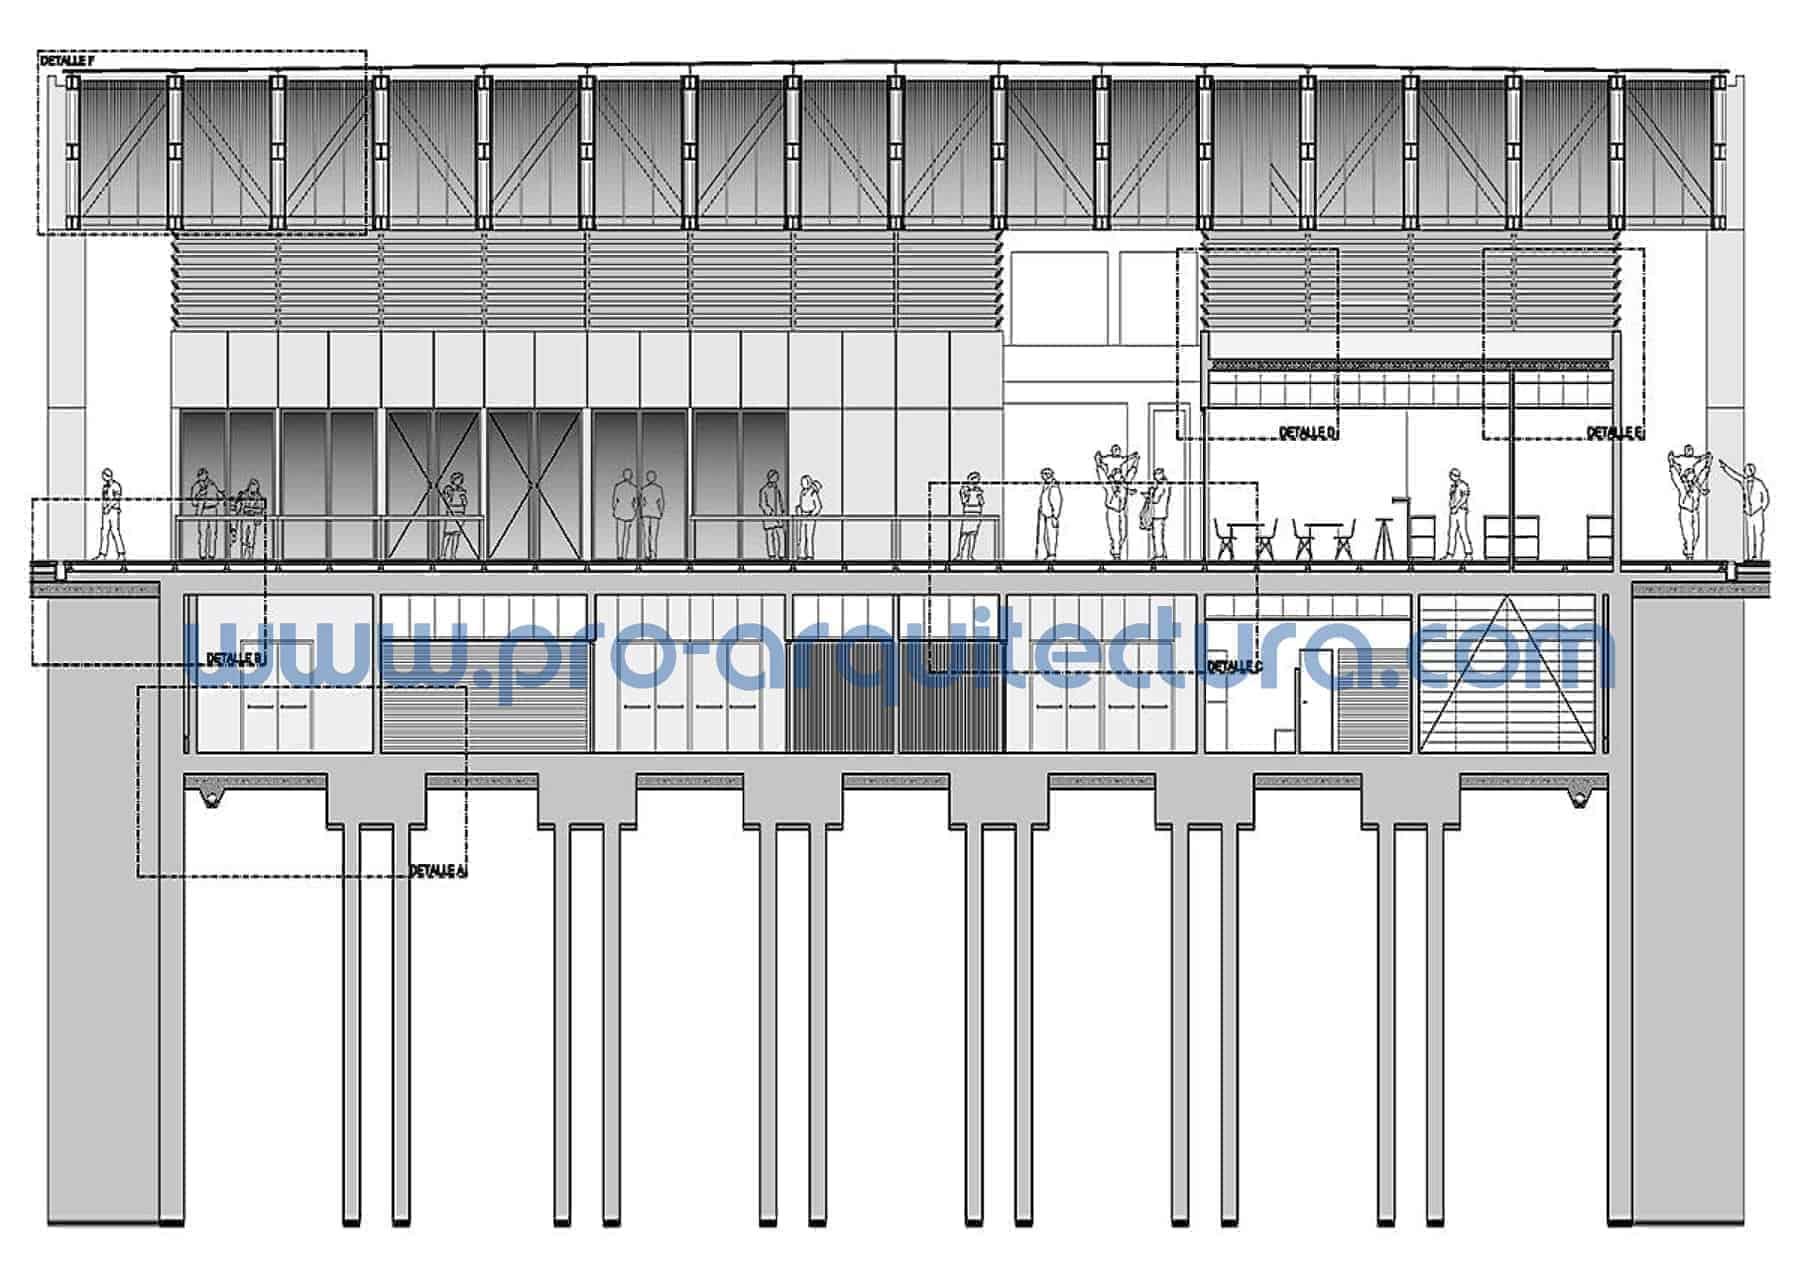 0044-01 Mercado municipal - Sección y detalles constructivos - Tu ayuda con la entrega del pfc pfg tfg tfm de arquitectura.